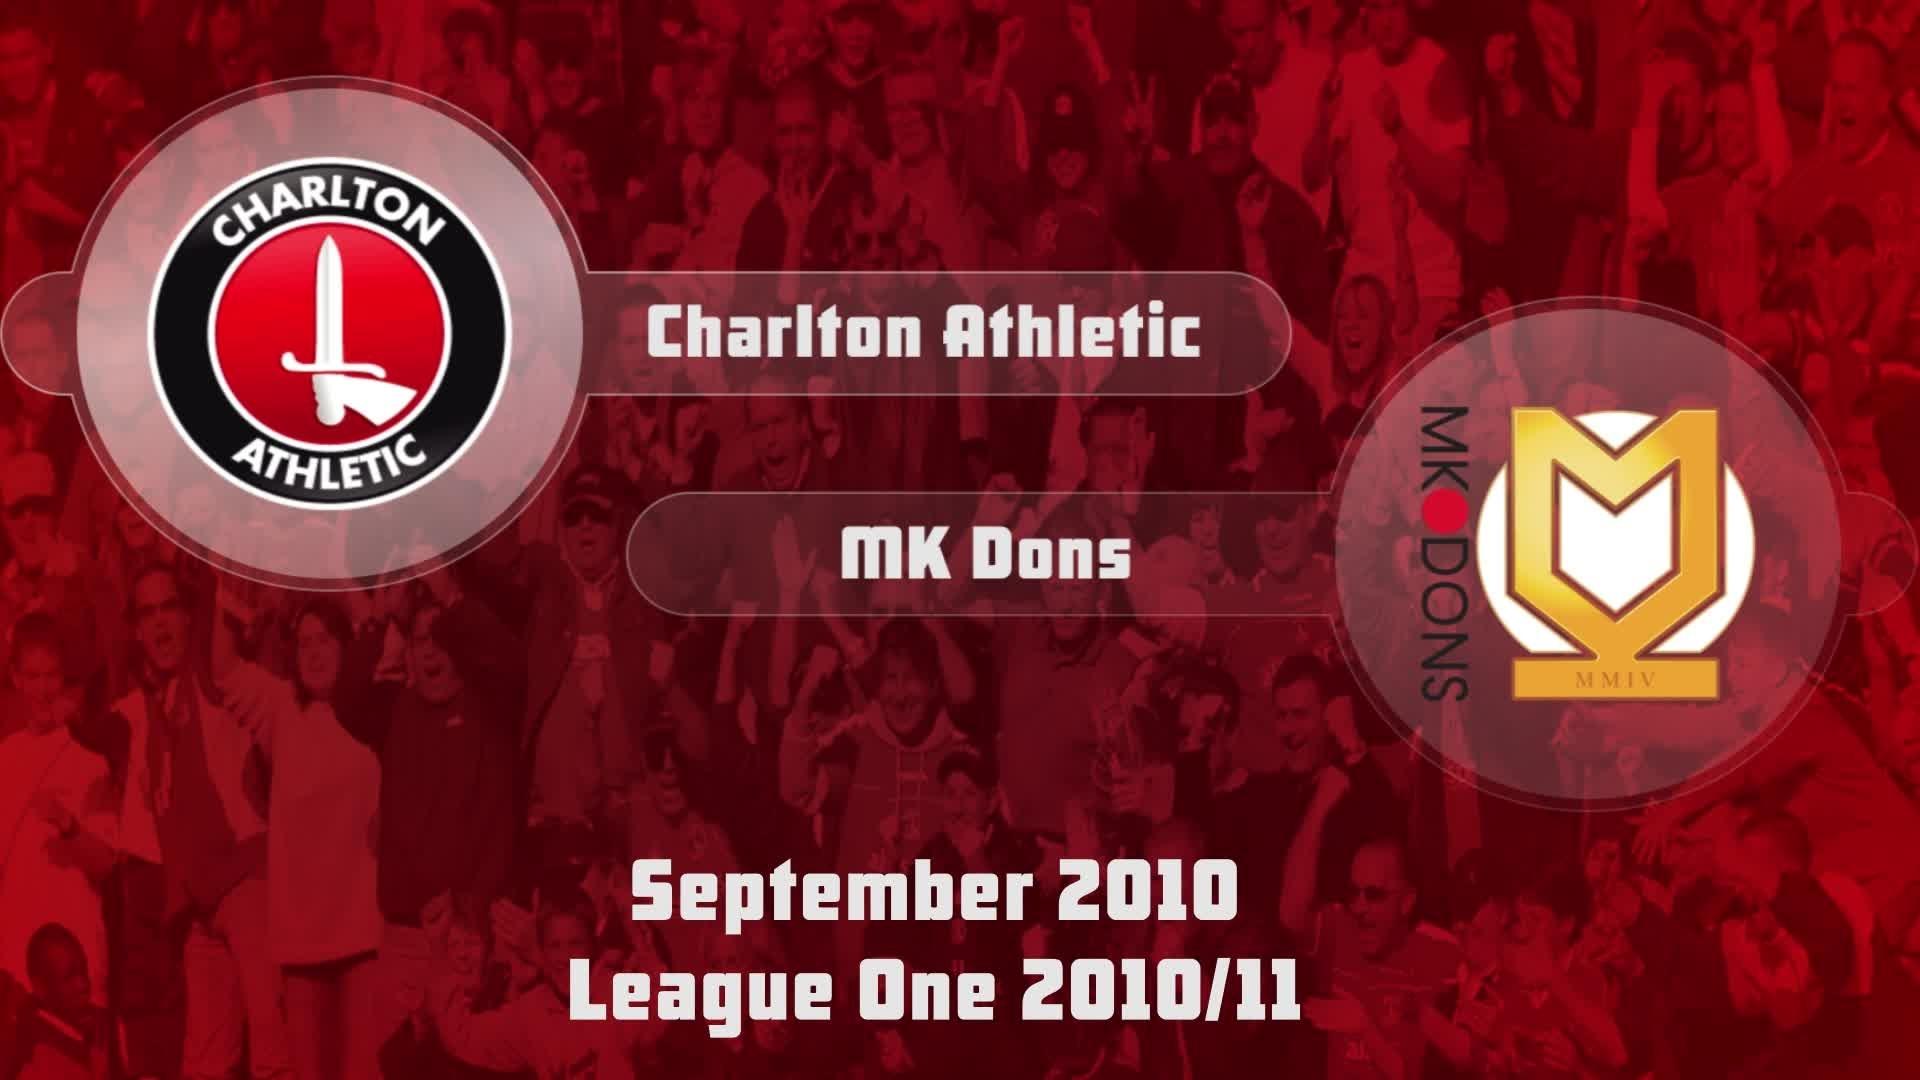 11 HIGHLIGHTS | Charlton 1 MK Dons 0 (Sept 2010)